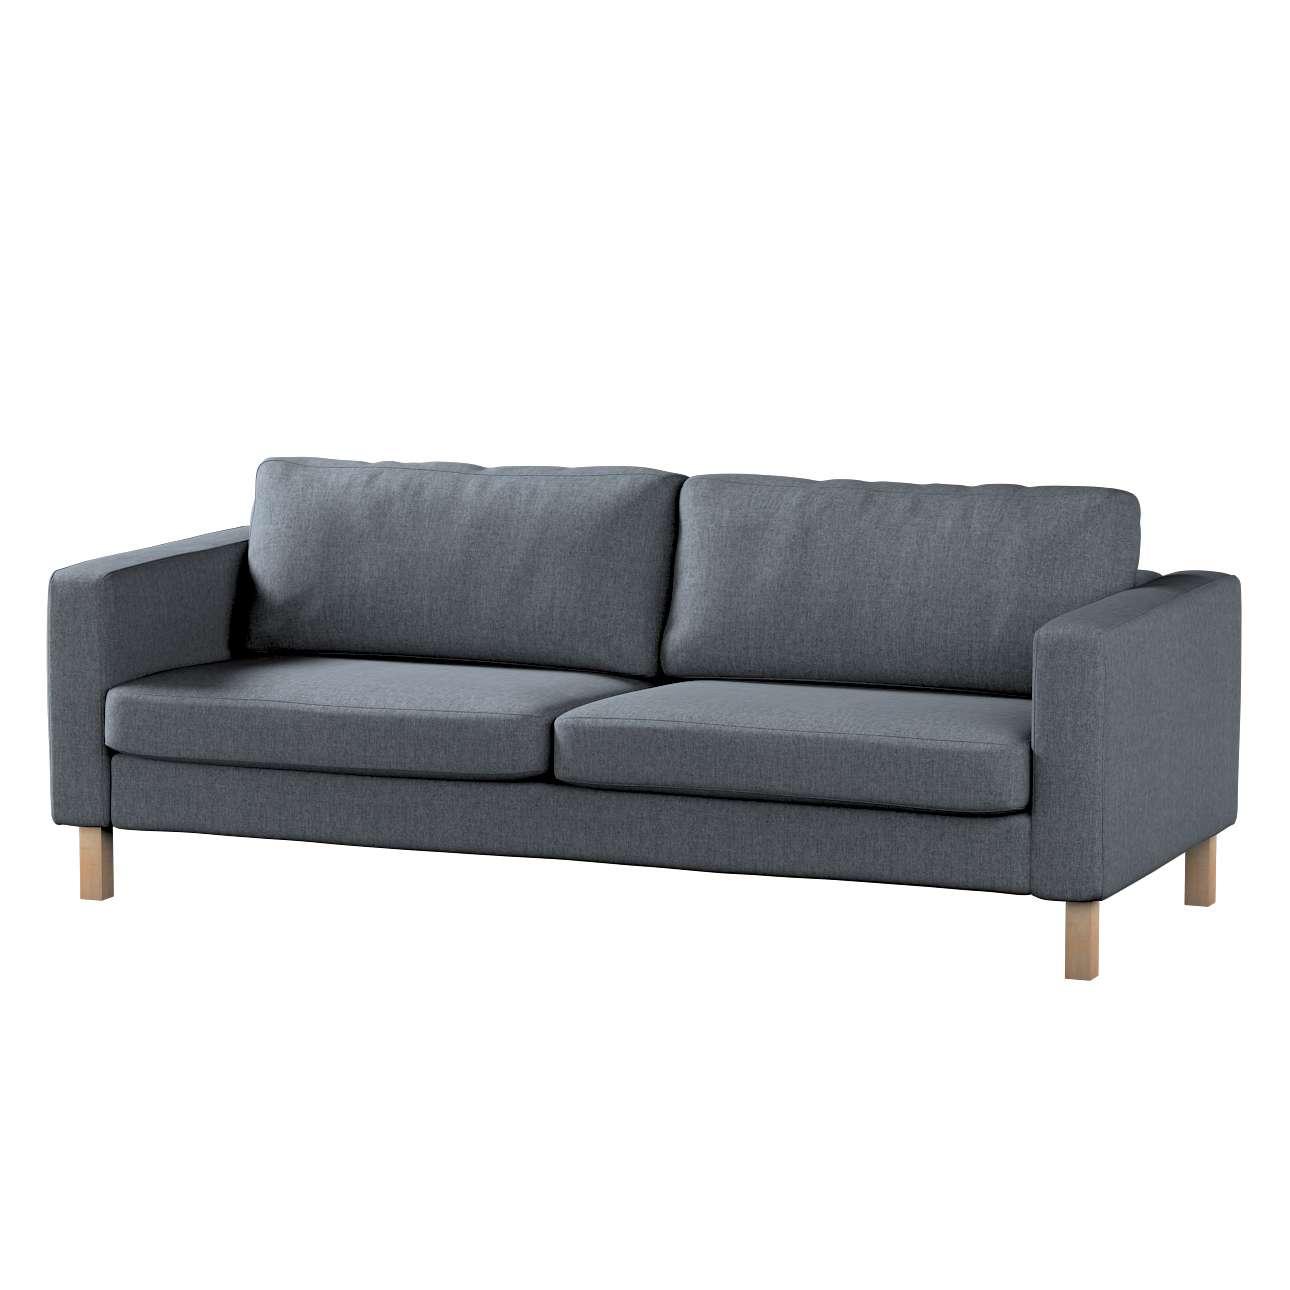 Pokrowiec na sofę Karlstad 3-osobową nierozkładaną, krótki w kolekcji City, tkanina: 704-86